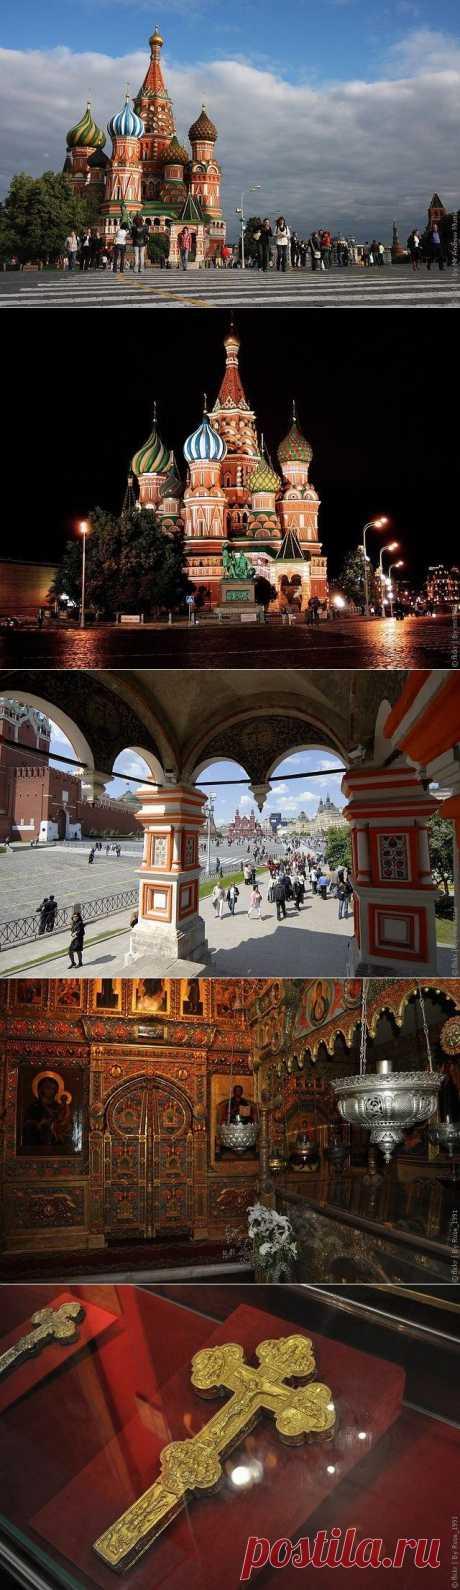 Собор Василия Блаженного в Москве (Покровский собор), фото собора, храма